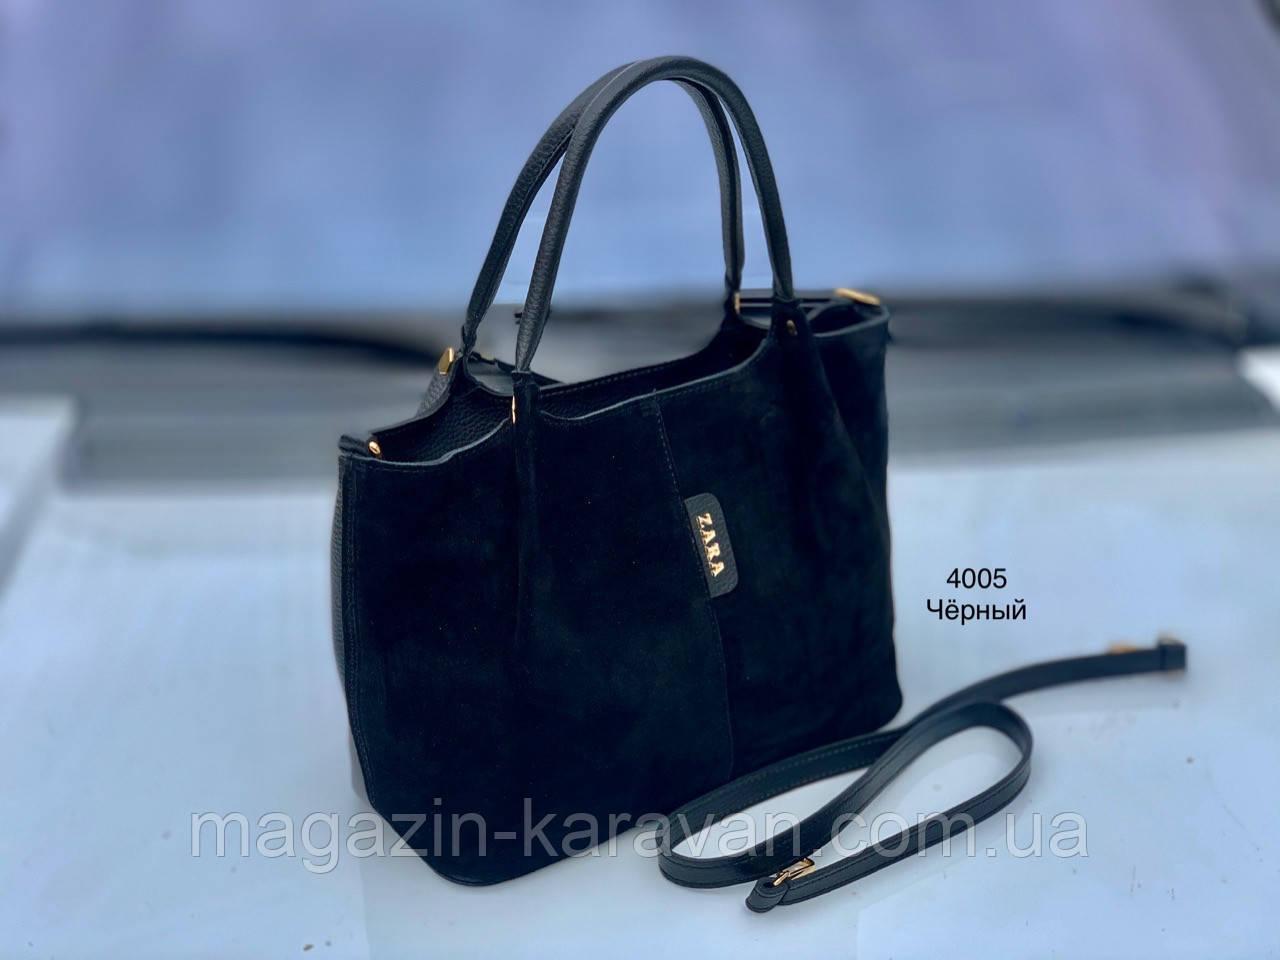 Модная женская сумка реплика